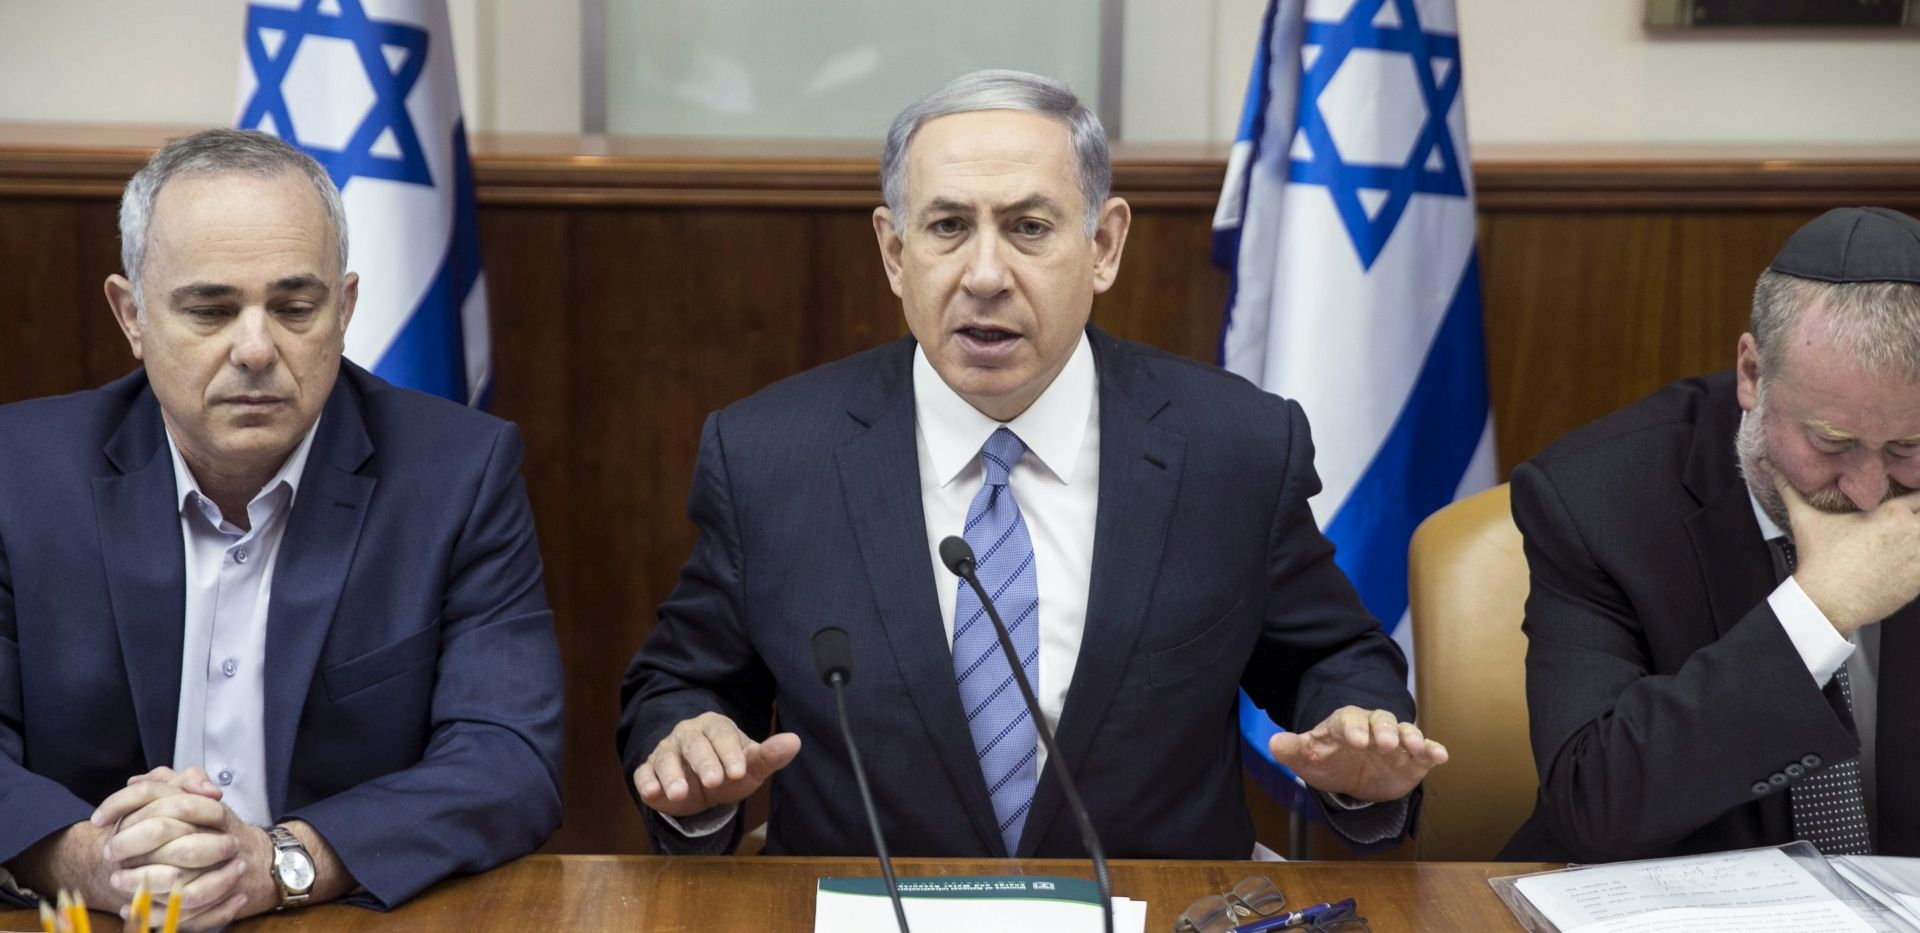 INFLACIJA Izraelski premijer Netanyahu osumnjičen za pronevjeru i korupciju